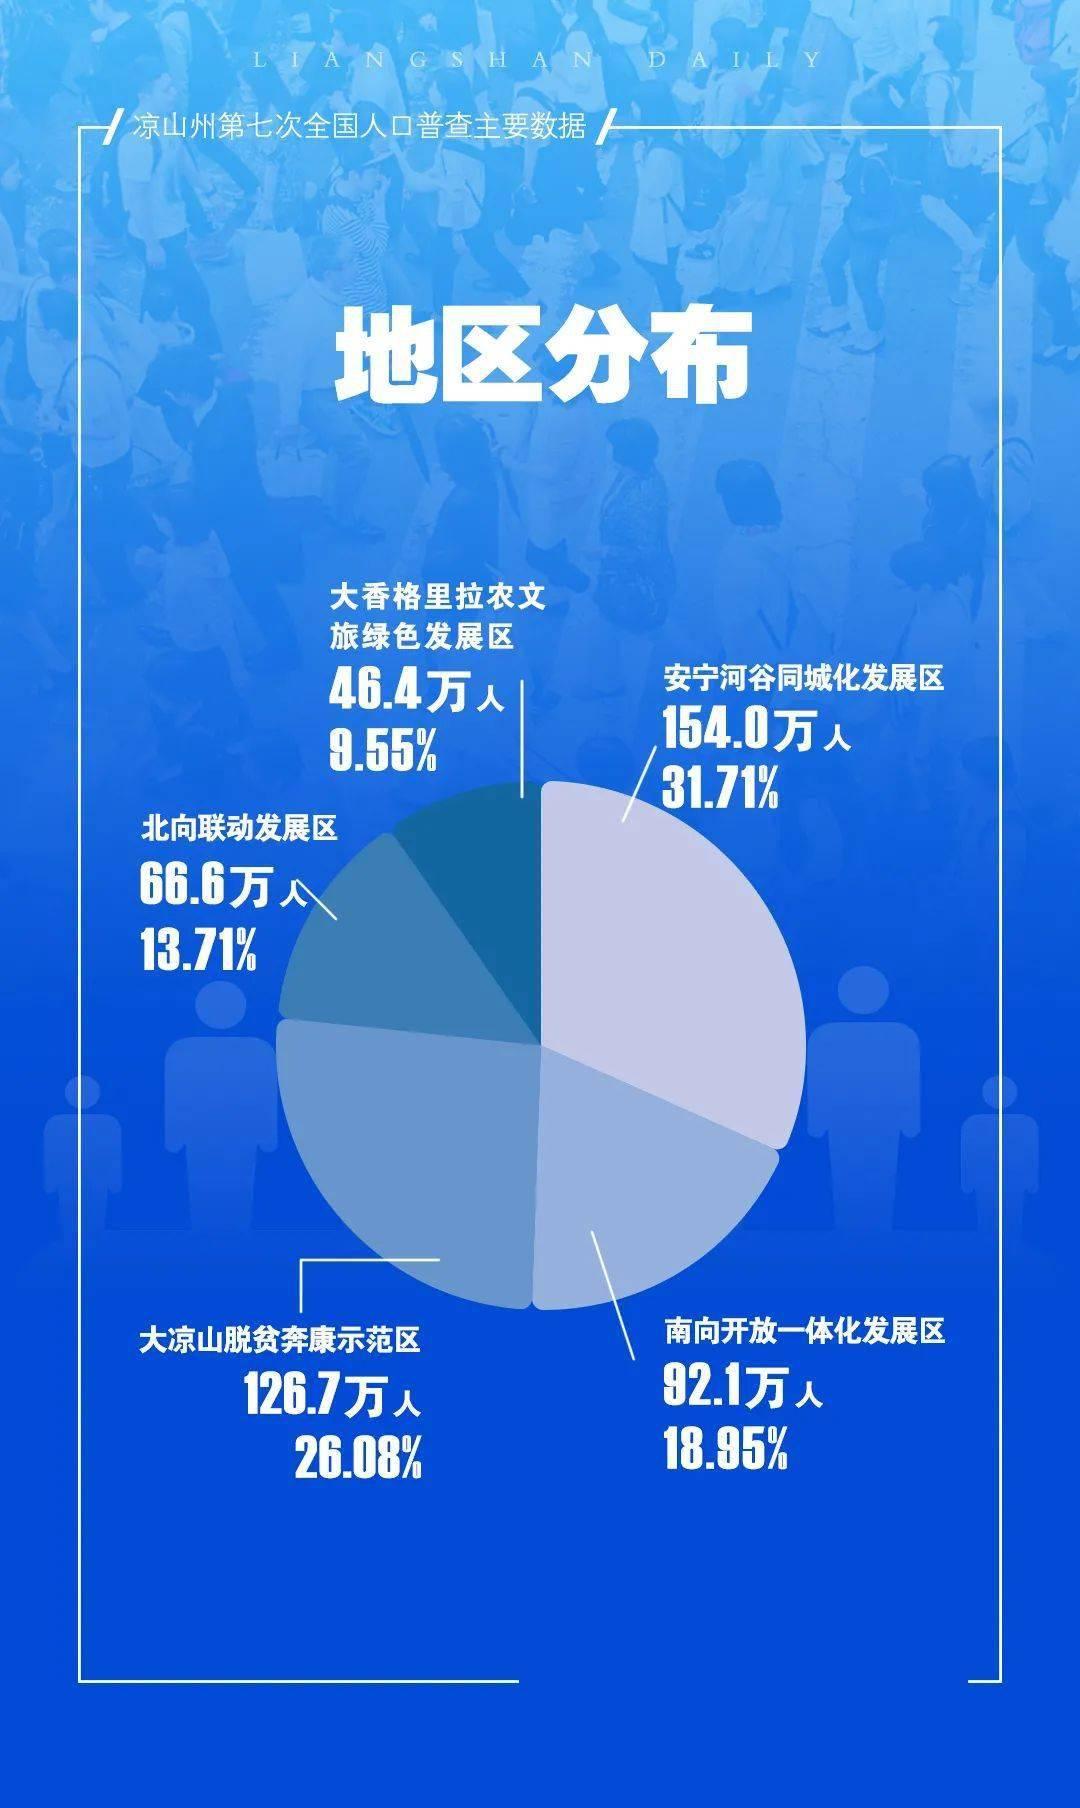 485.8万人!凉山常住人口全省第五!17县市最新人口数据出炉